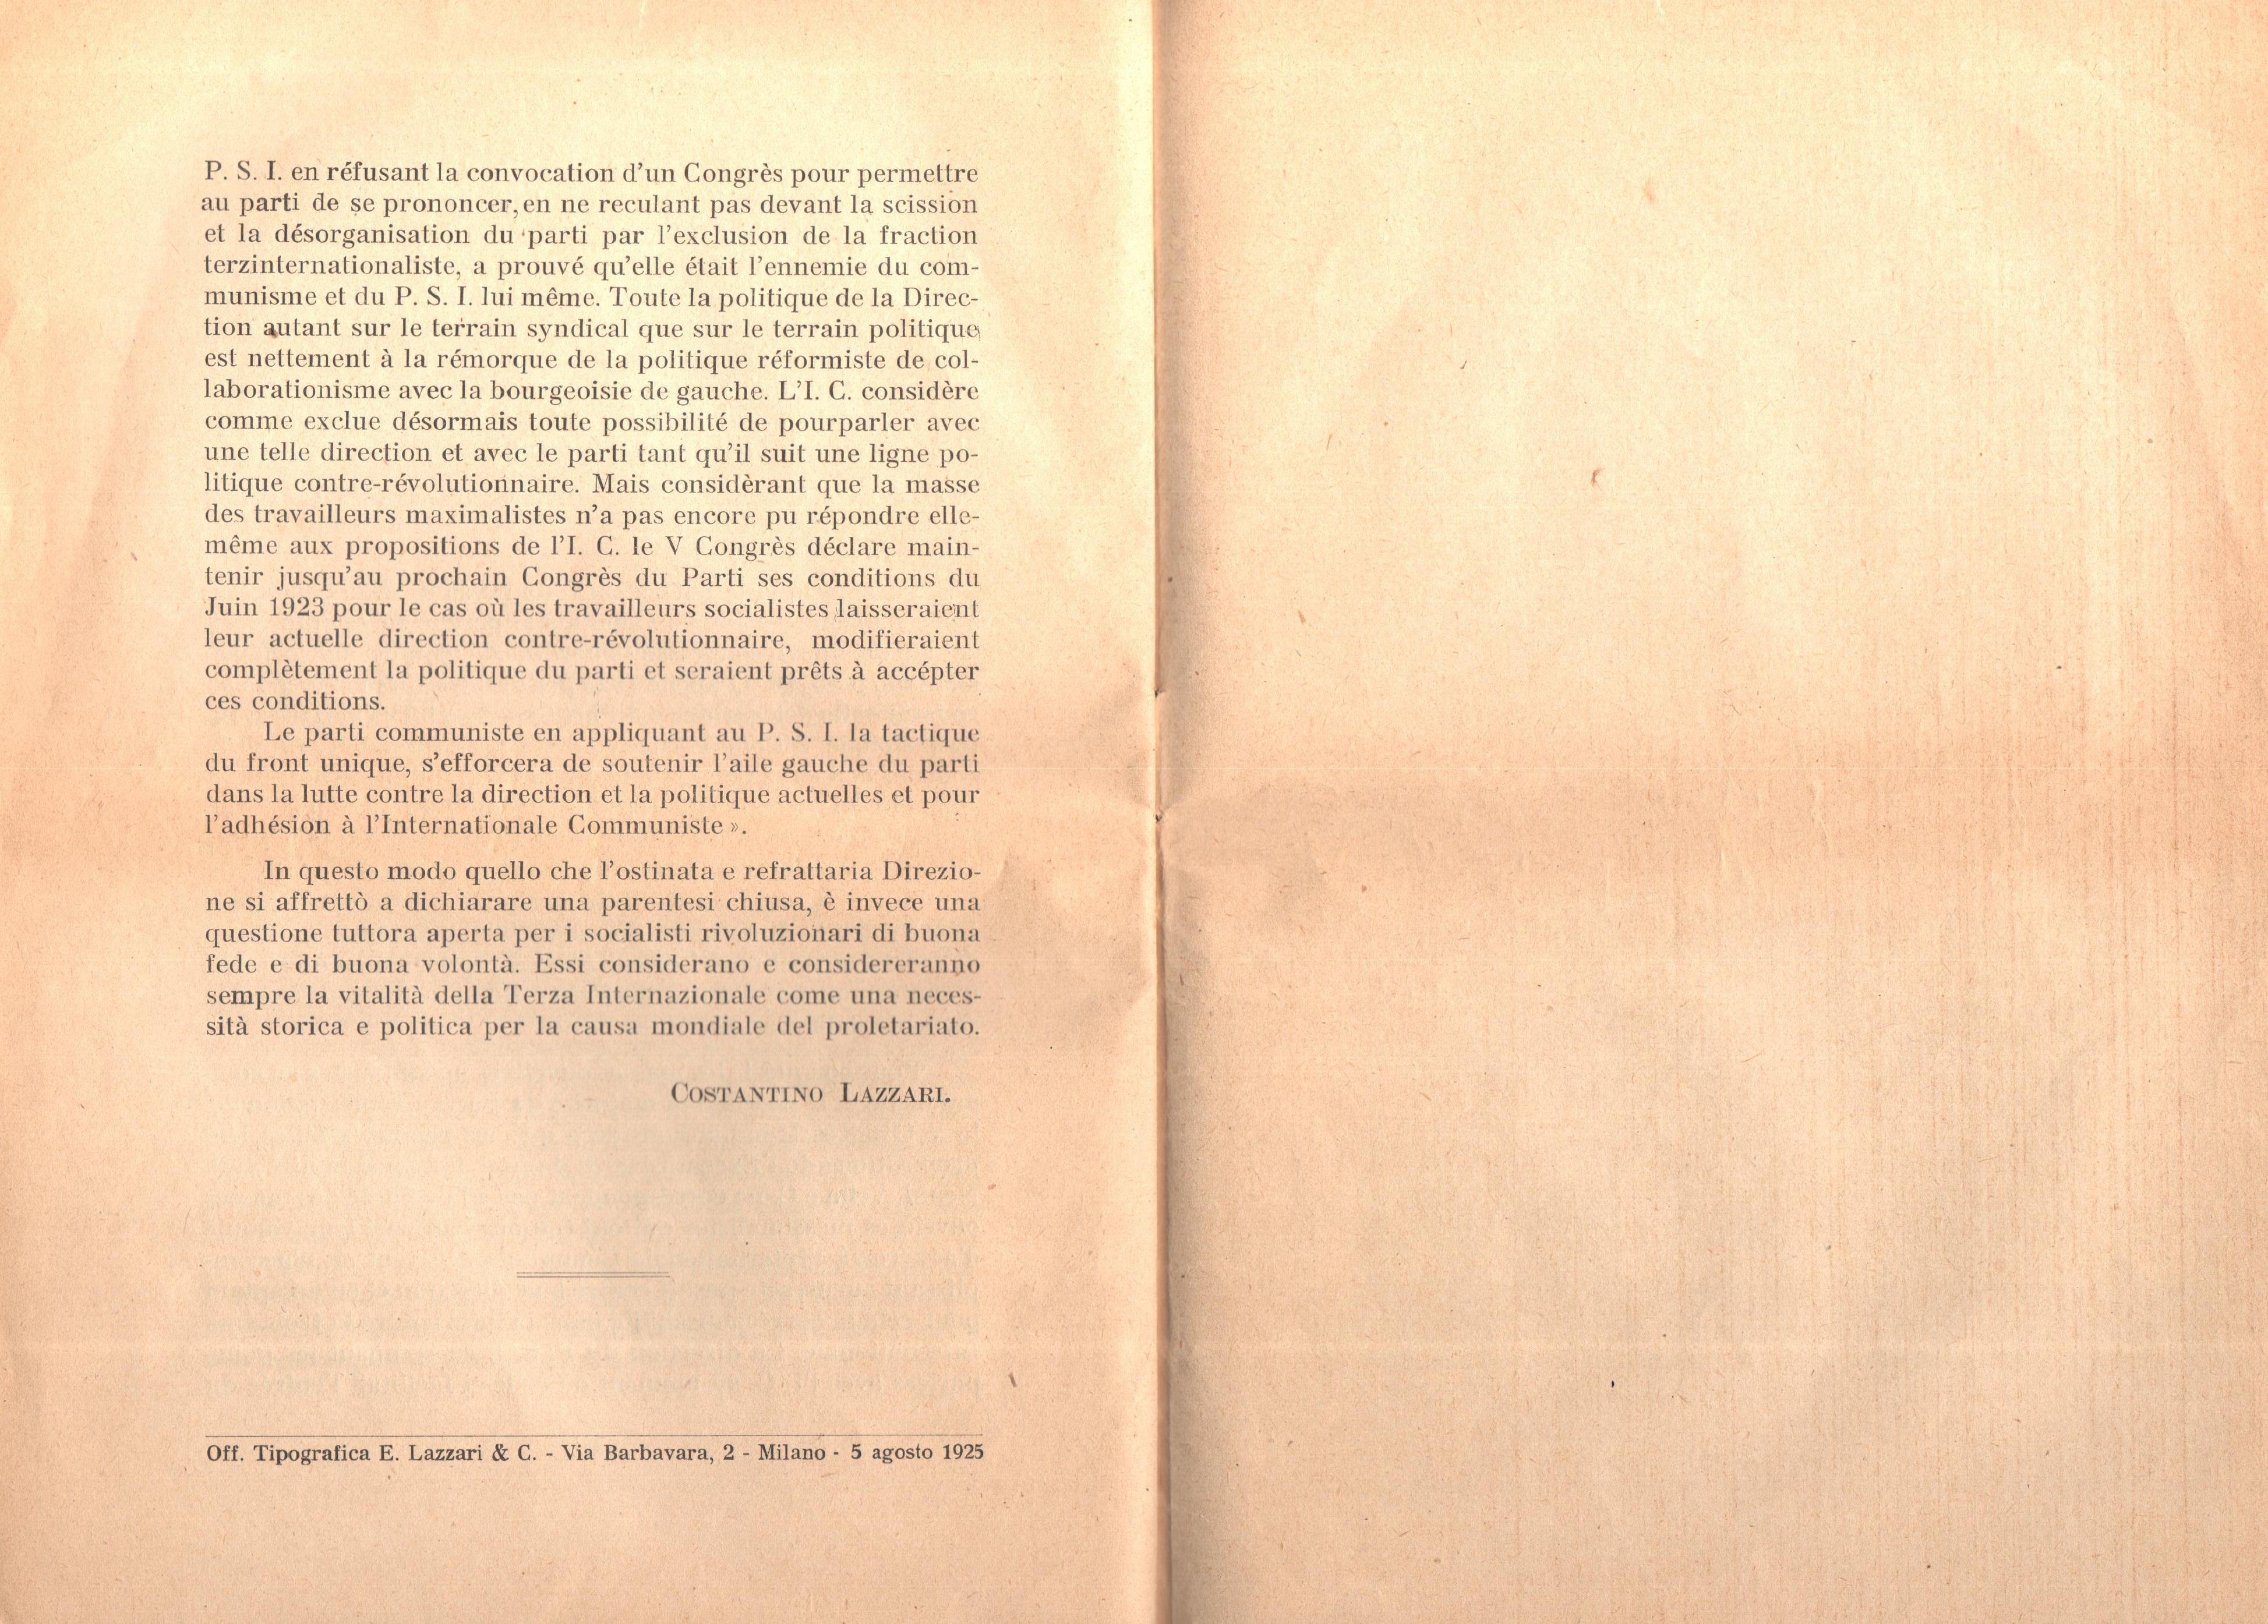 C. Lazzari, Il mio ultimo colloquio con Nicola Lenin - pag. 23